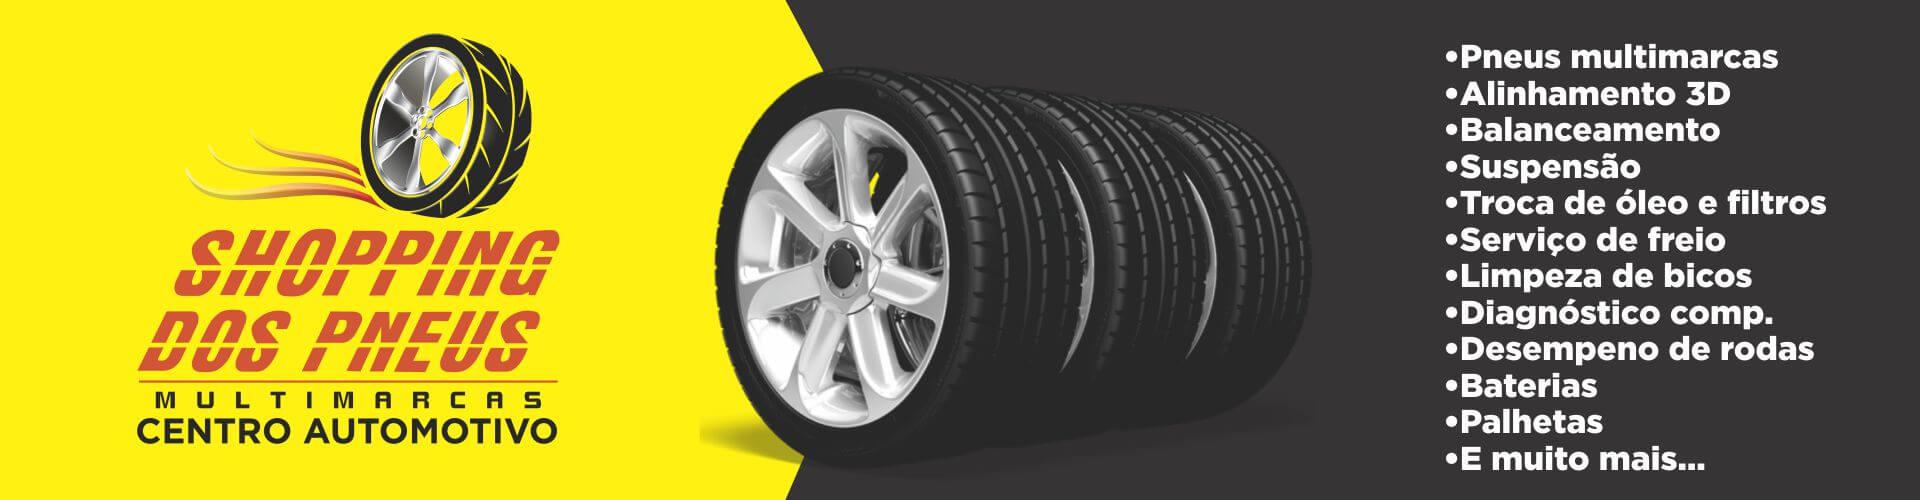 shopping-dos-pneus-serviços